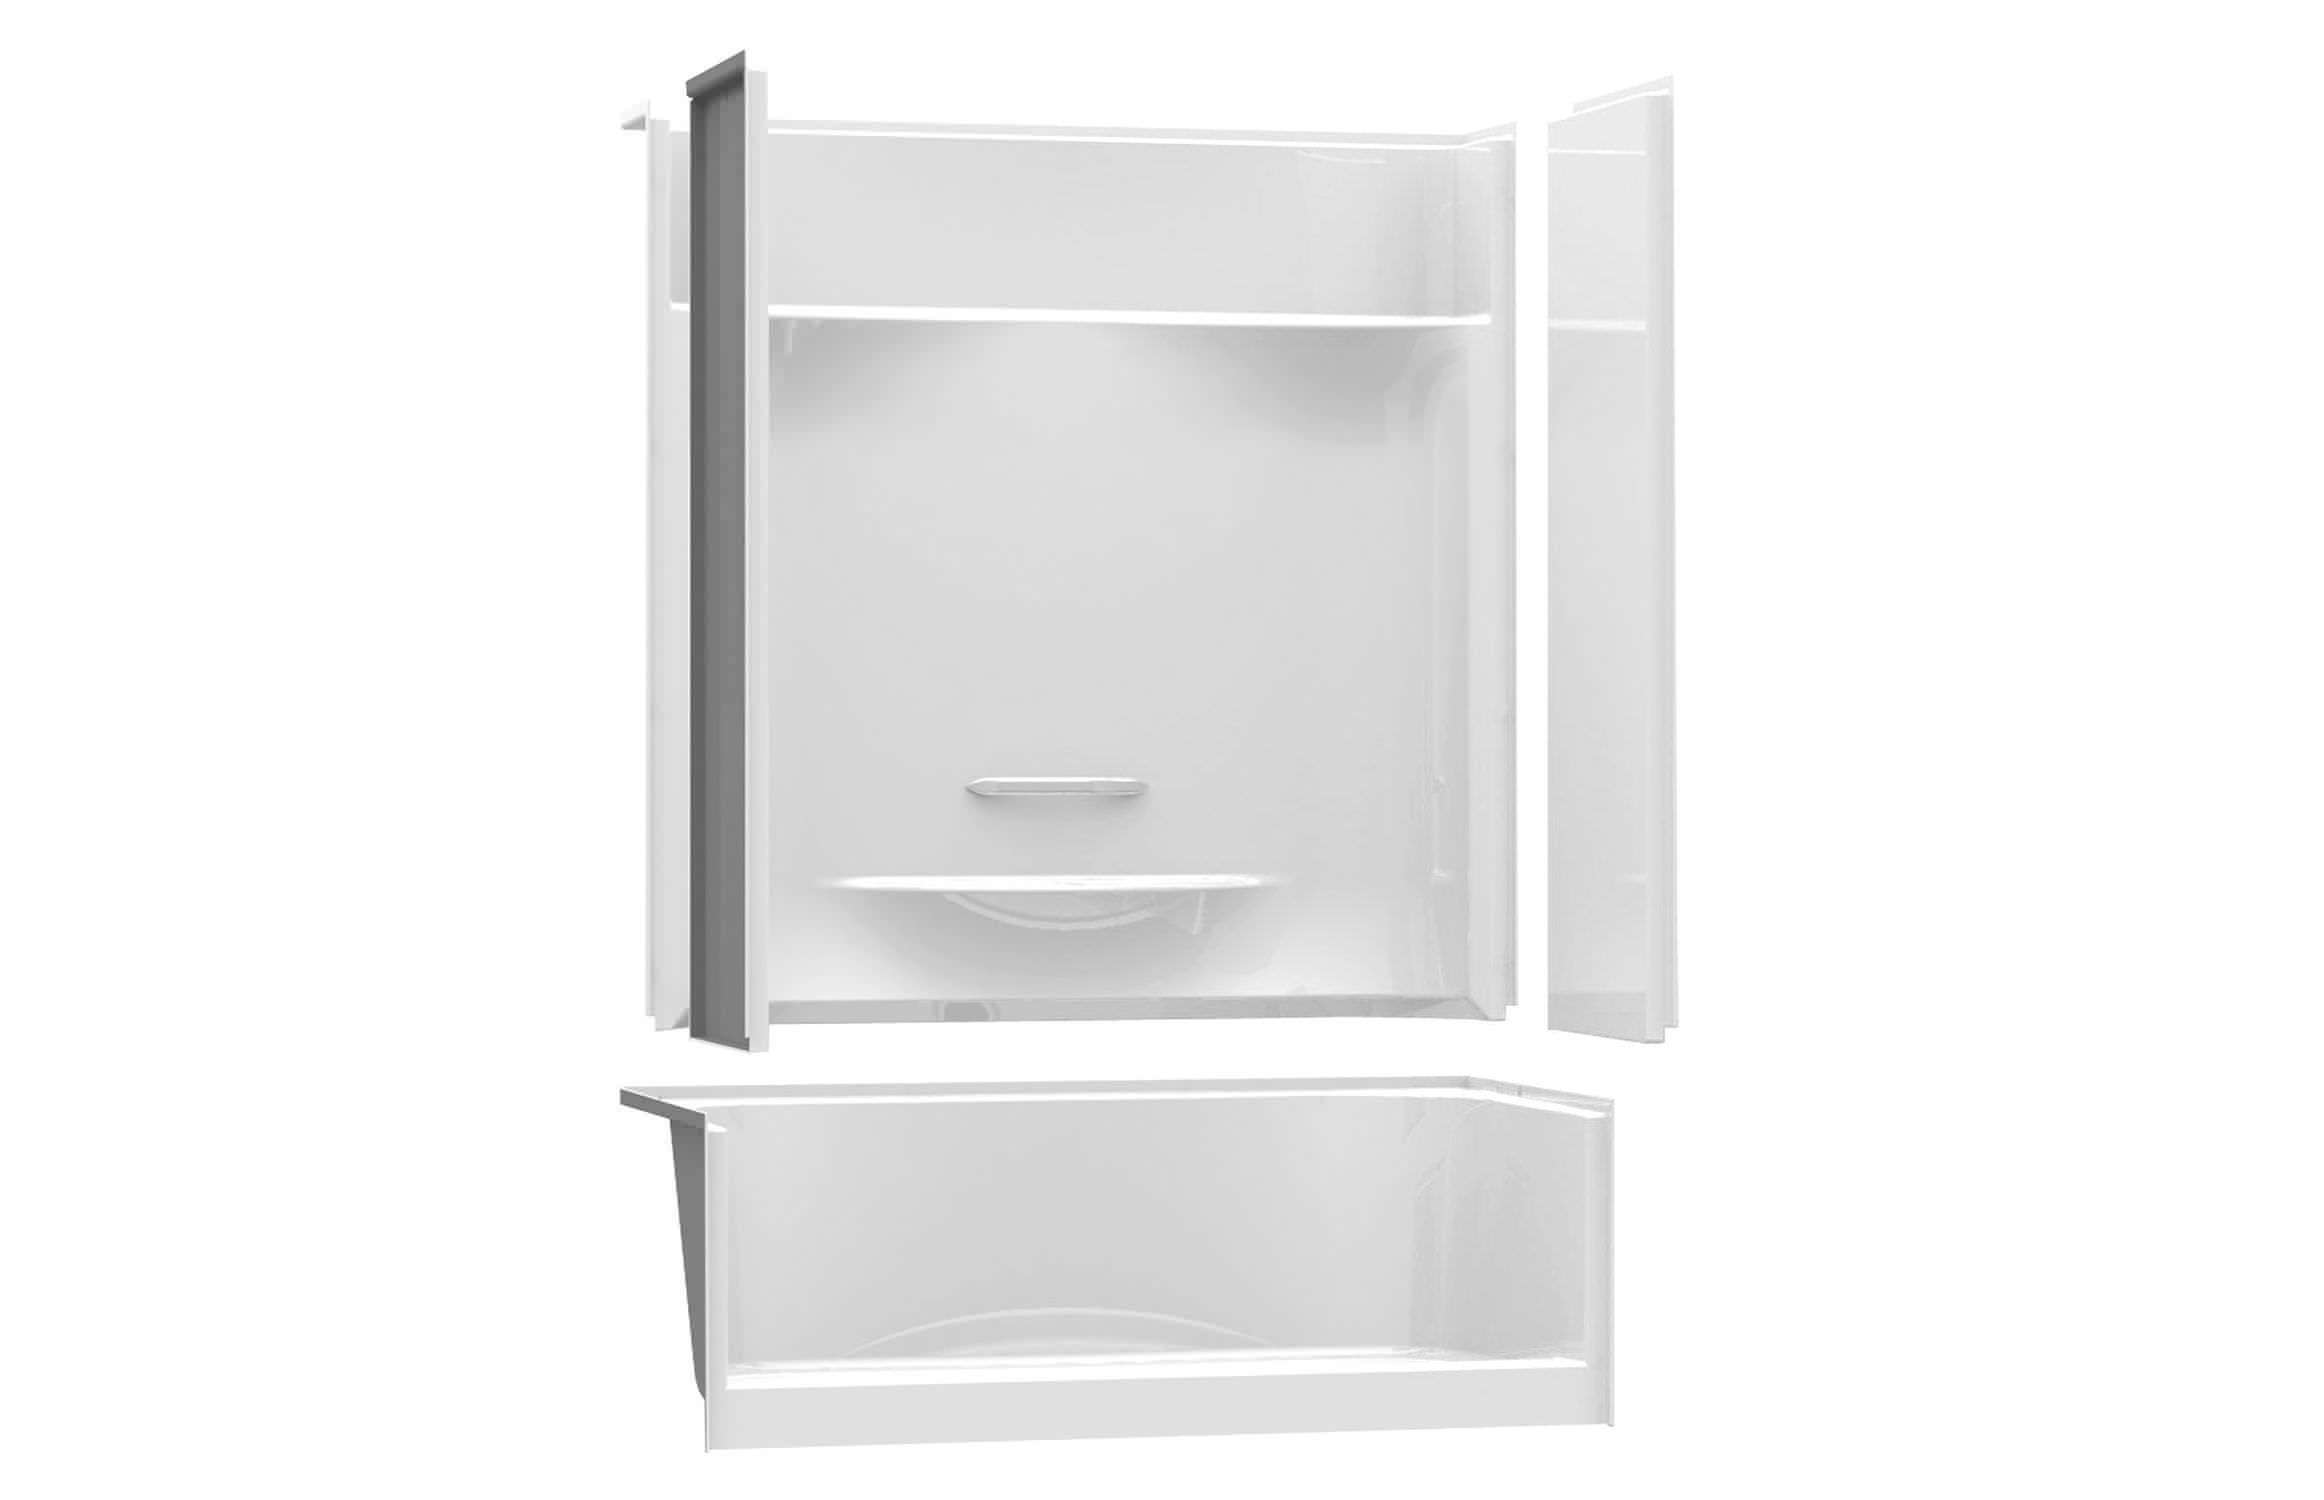 Rectangular shower base / acrylic - KDS 3060 - MAAX bathroom